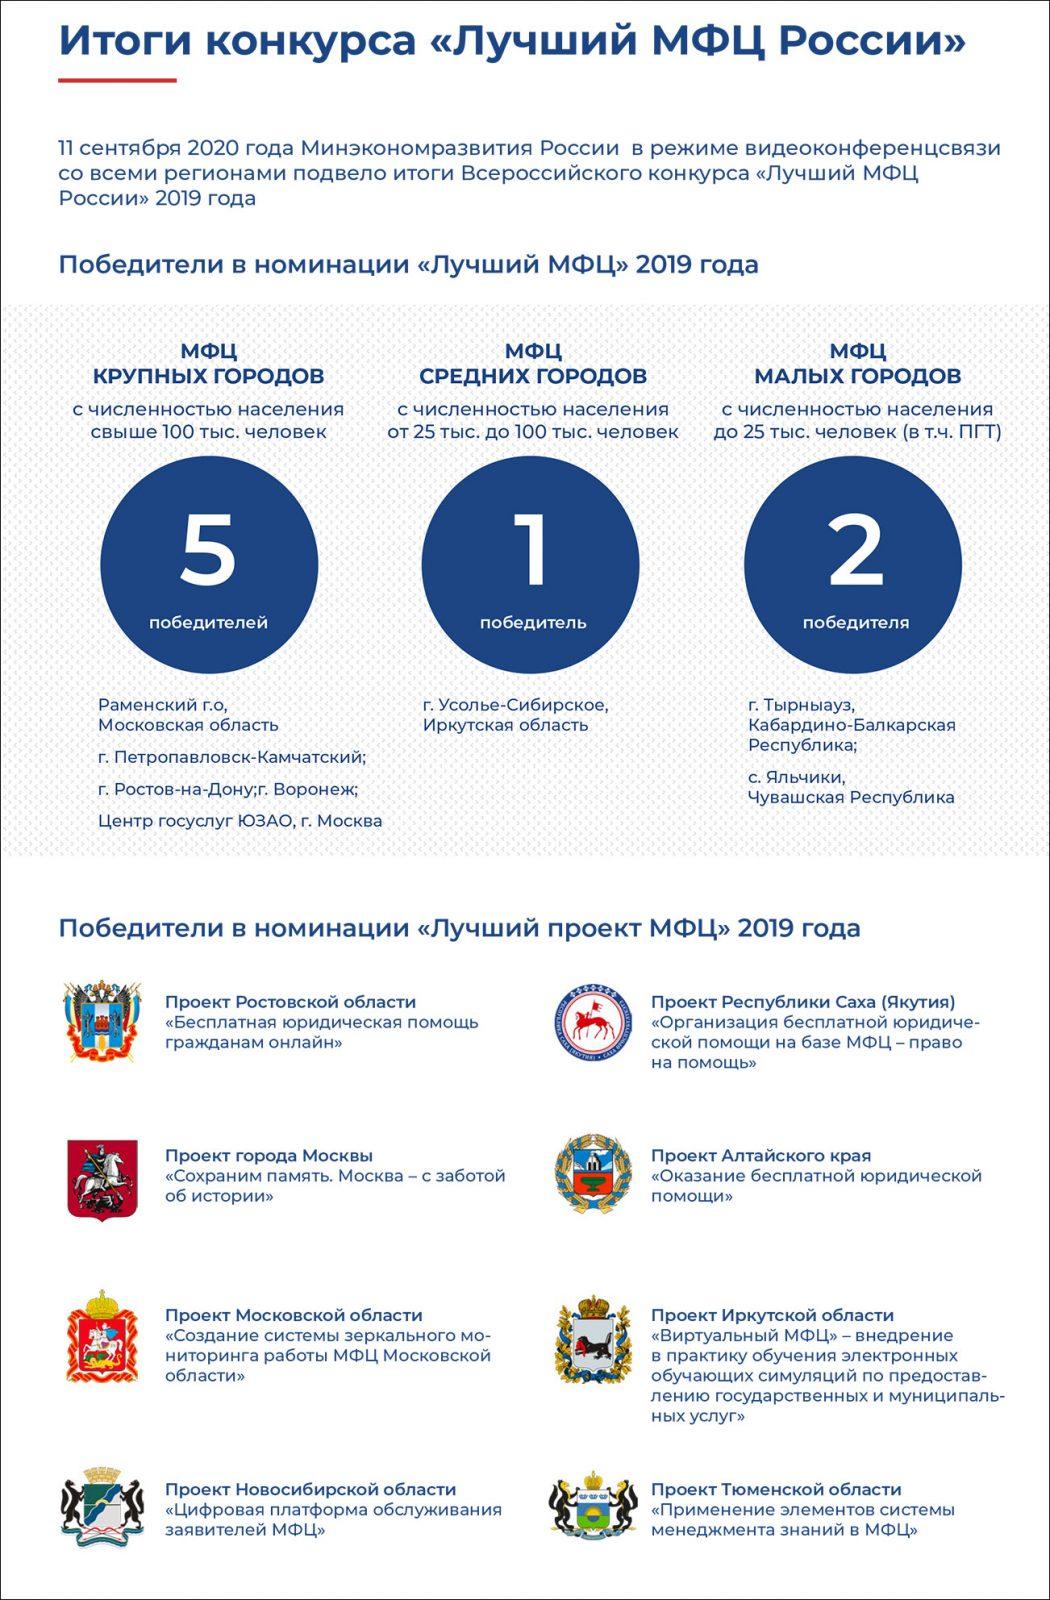 Опубликован рейтинг регионов по качеству предоставления электронных госуслуг-2020